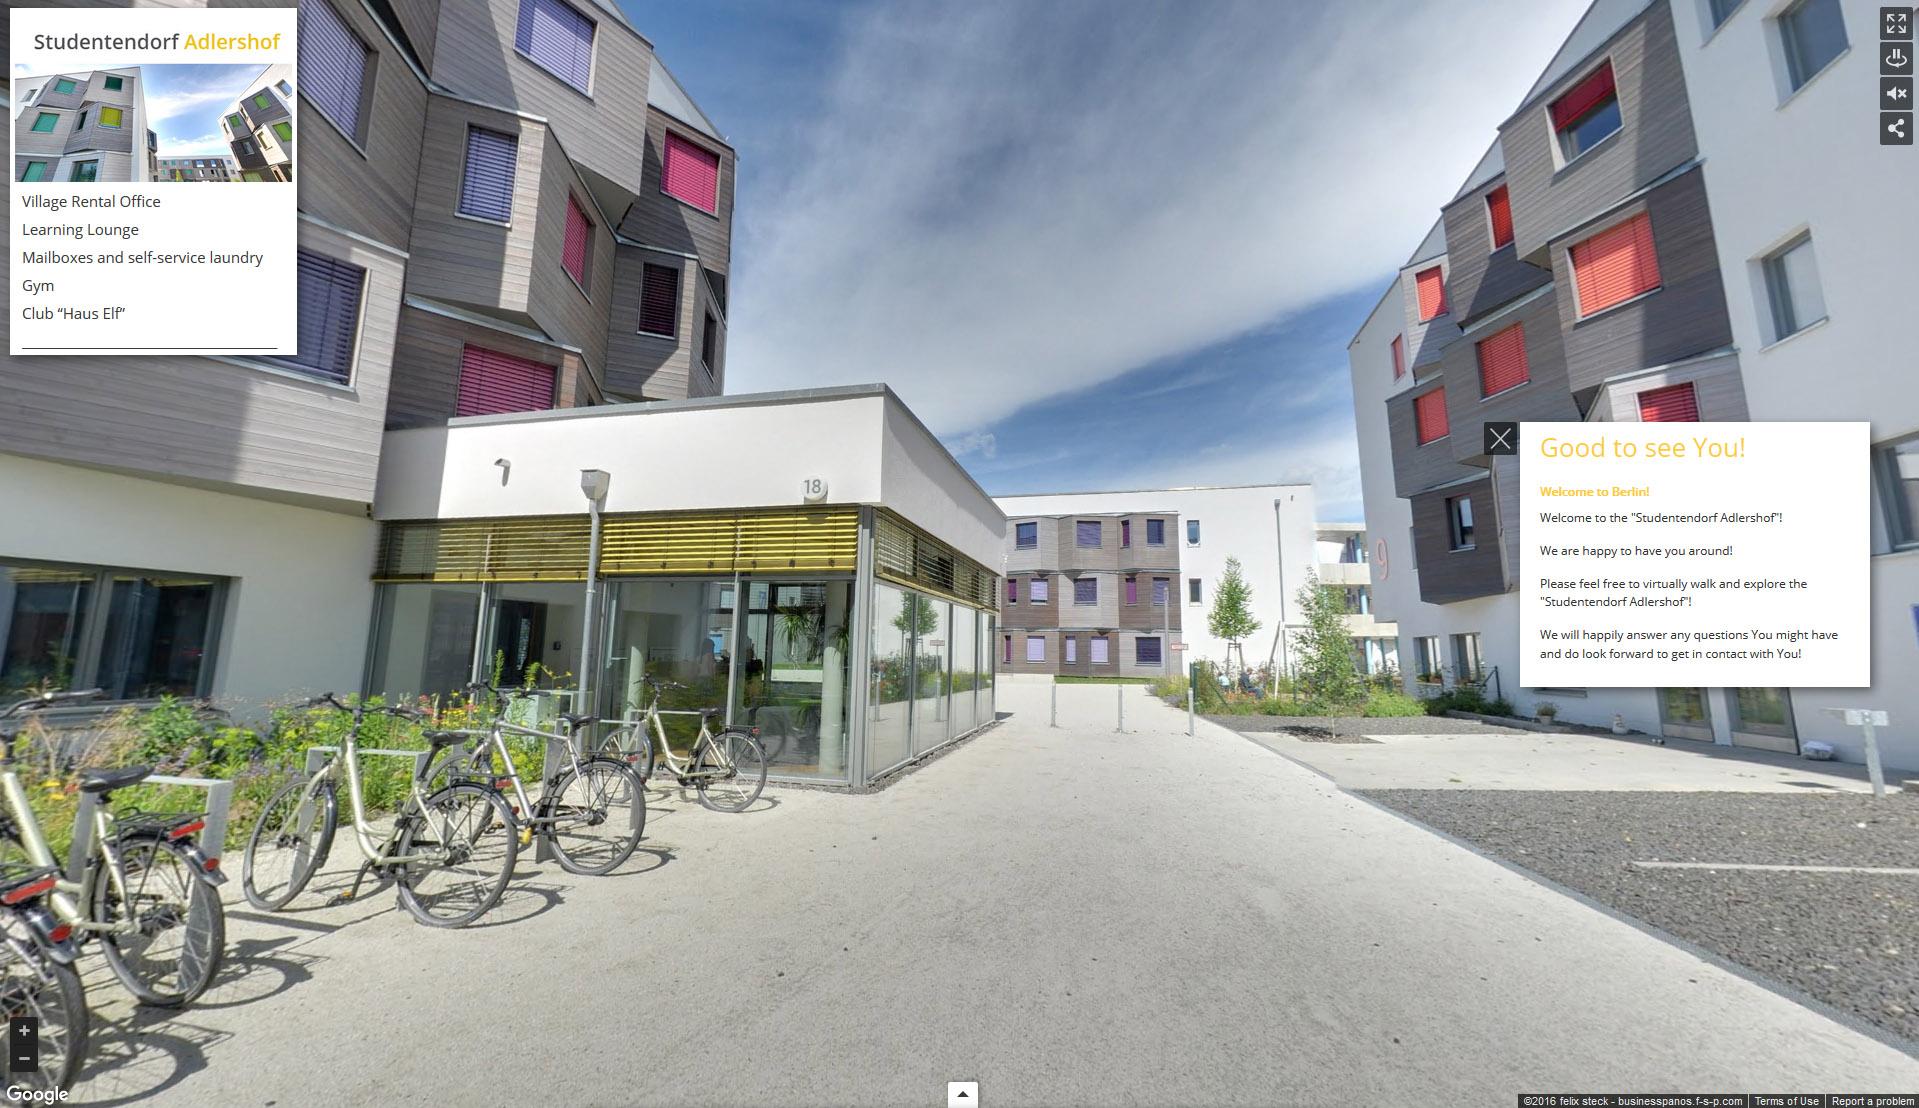 Adlershof Studentendorf